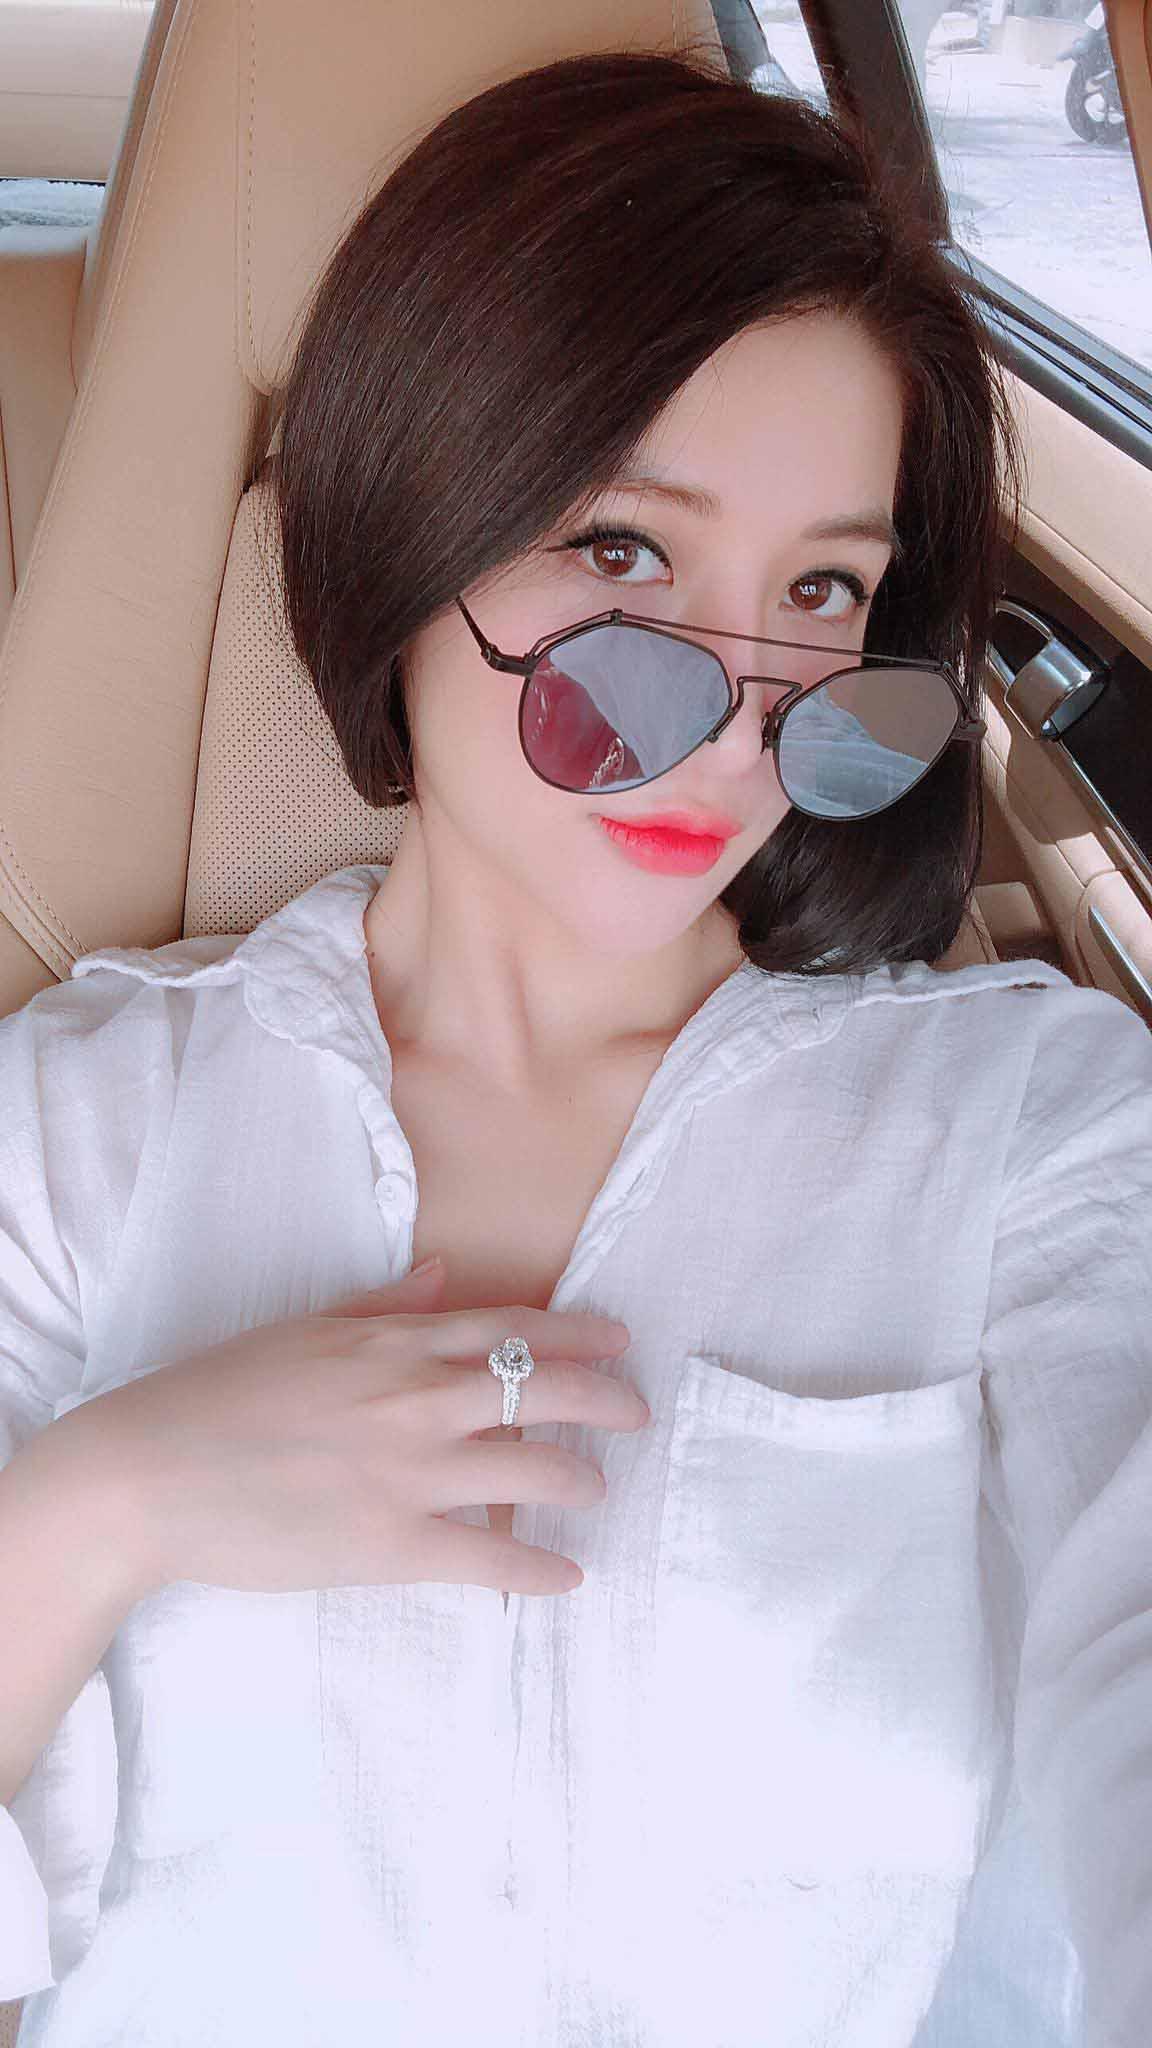 """nhung hot girl viet doi dau """"mot buoc len tien"""" nho lay chong dai gia - 3"""